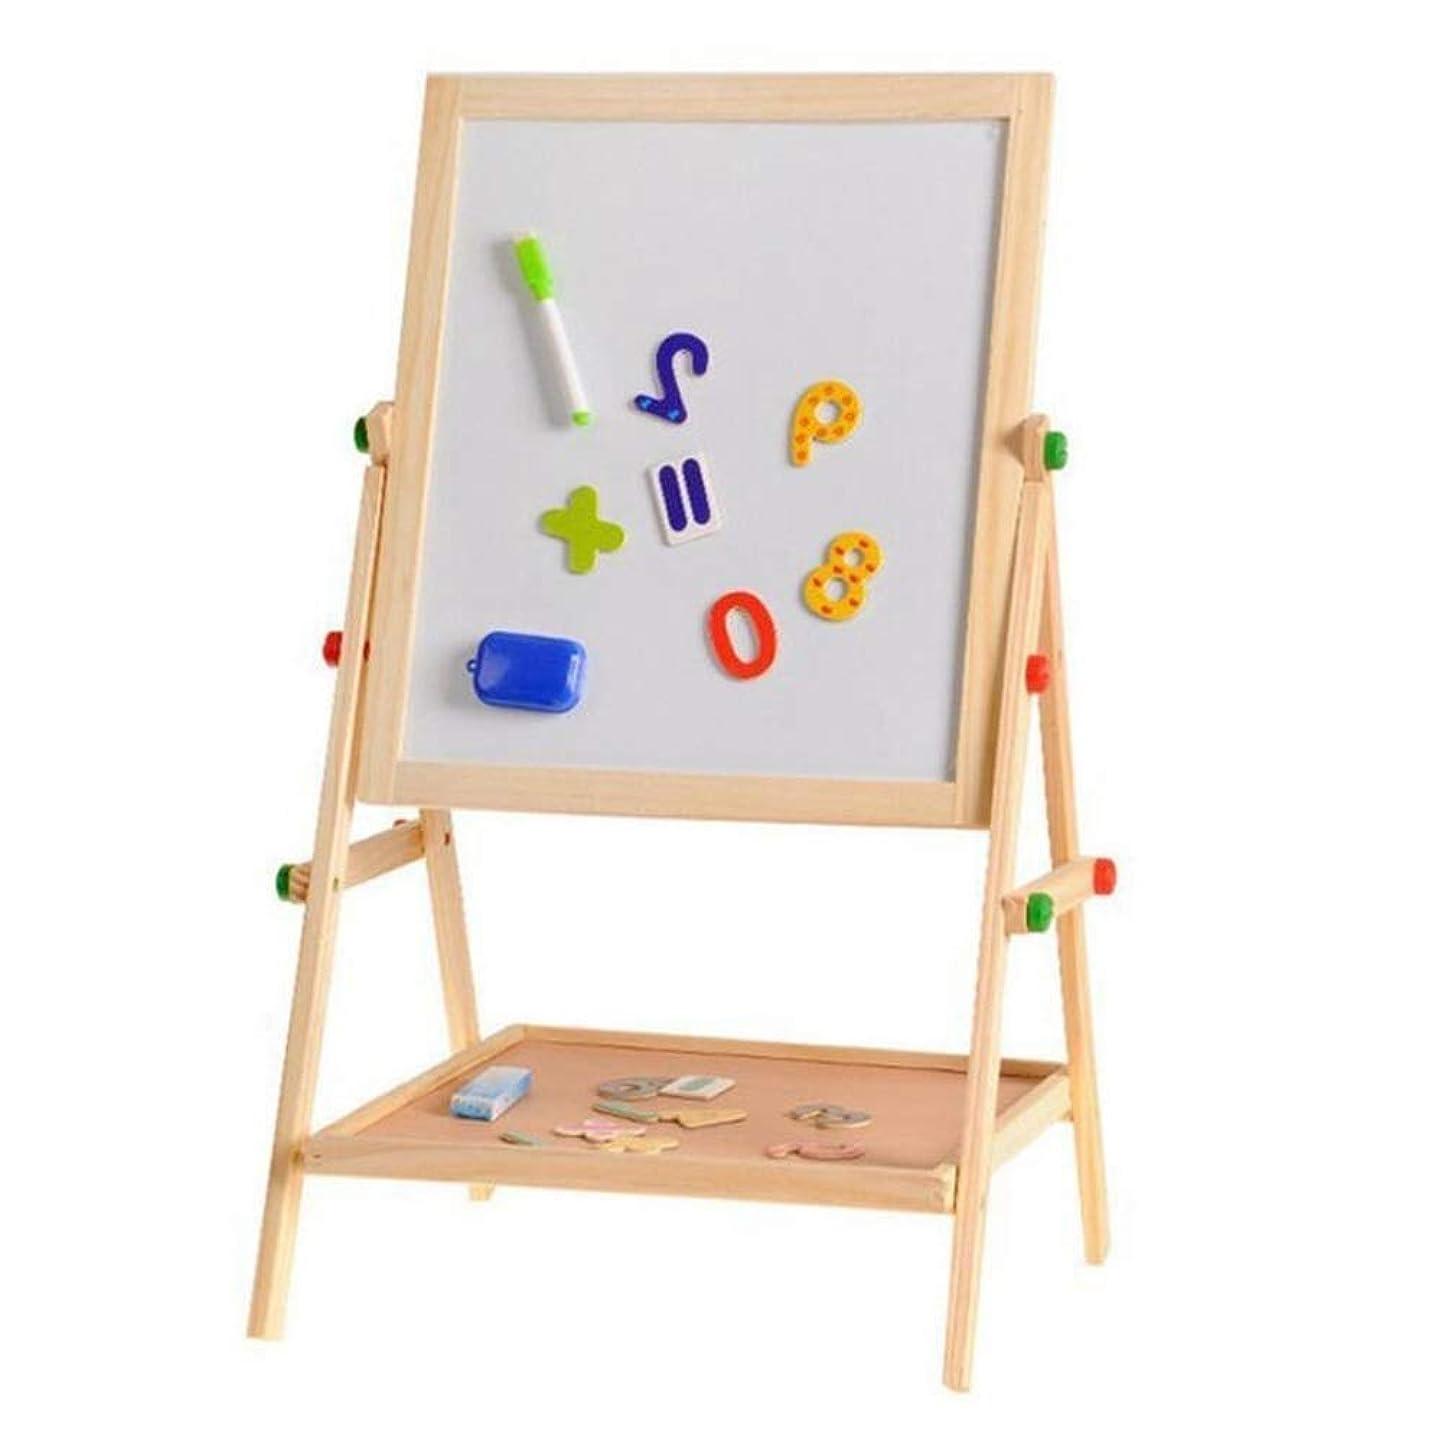 コンピューターゲームをプレイするパイ刺しますDISS ペーパーロールが付いている子供の木のイーゼル - 調節可能な高さの磁気二重味方された子供の芸術のイーゼルホワイトボード&黒板乾いたイーゼルのドローイングボード2-8年の幼児子供の絵画